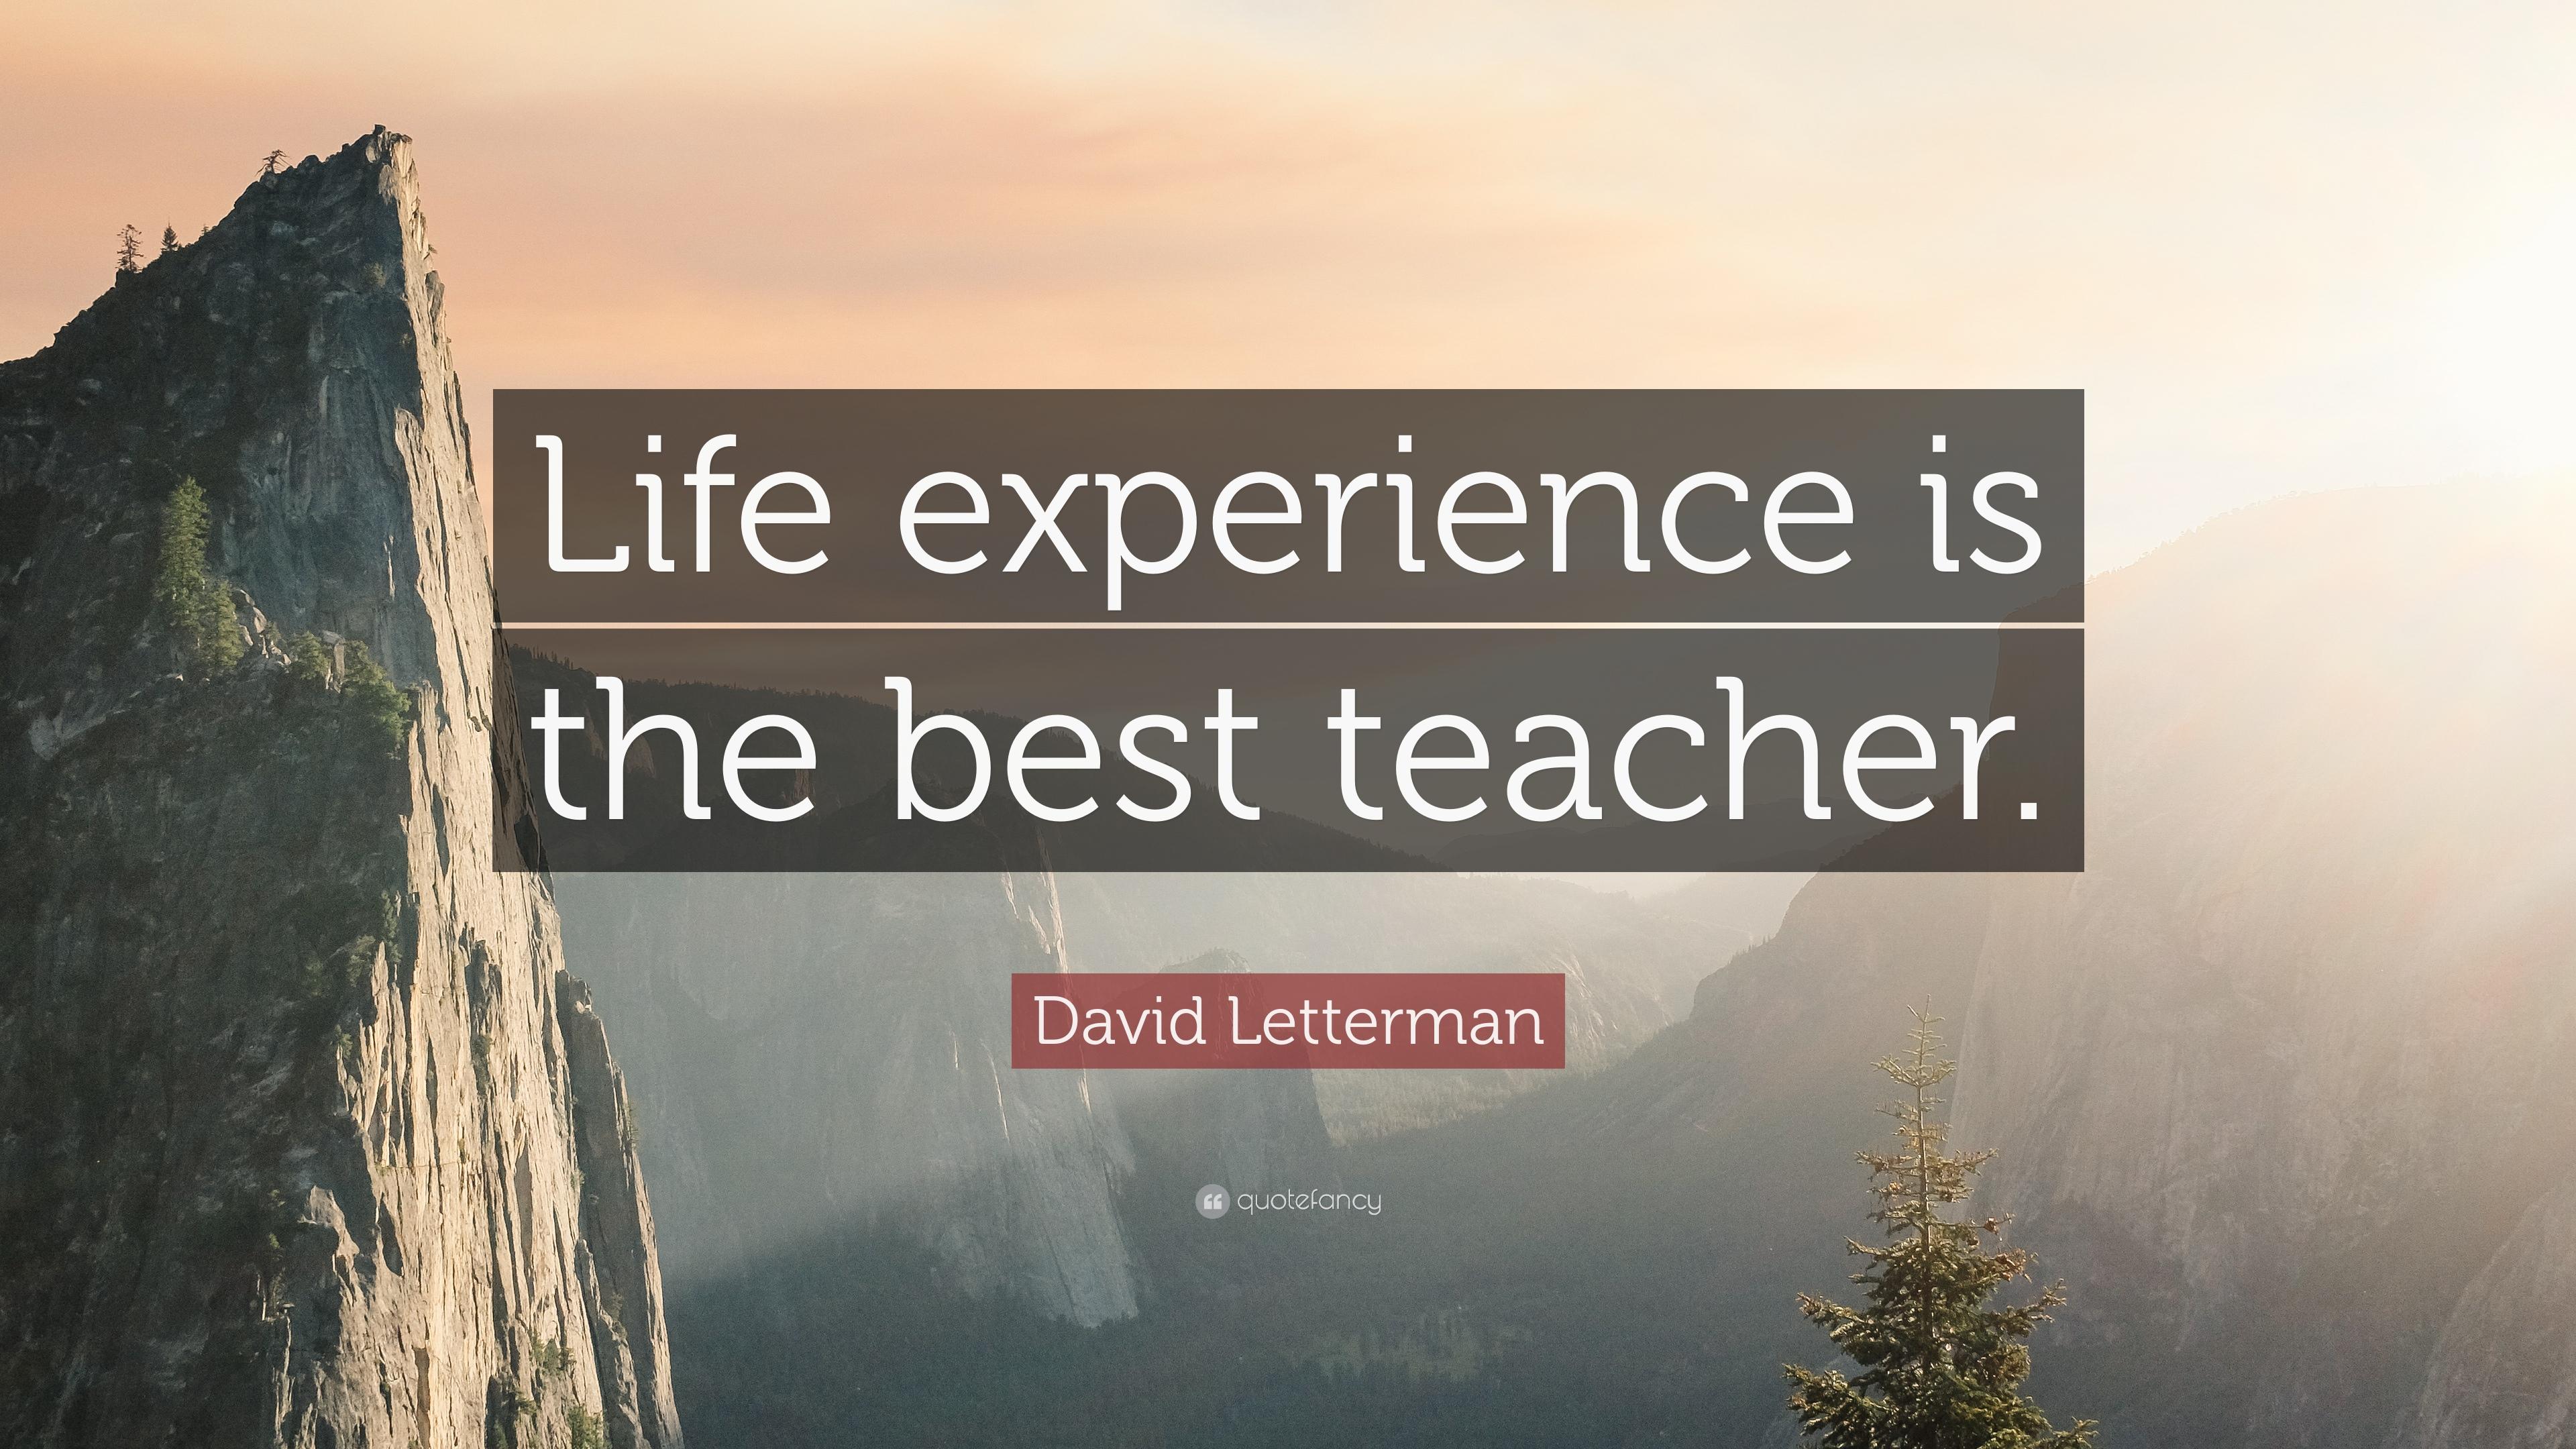 A Best Teacher Quotes Twitter thumbnail